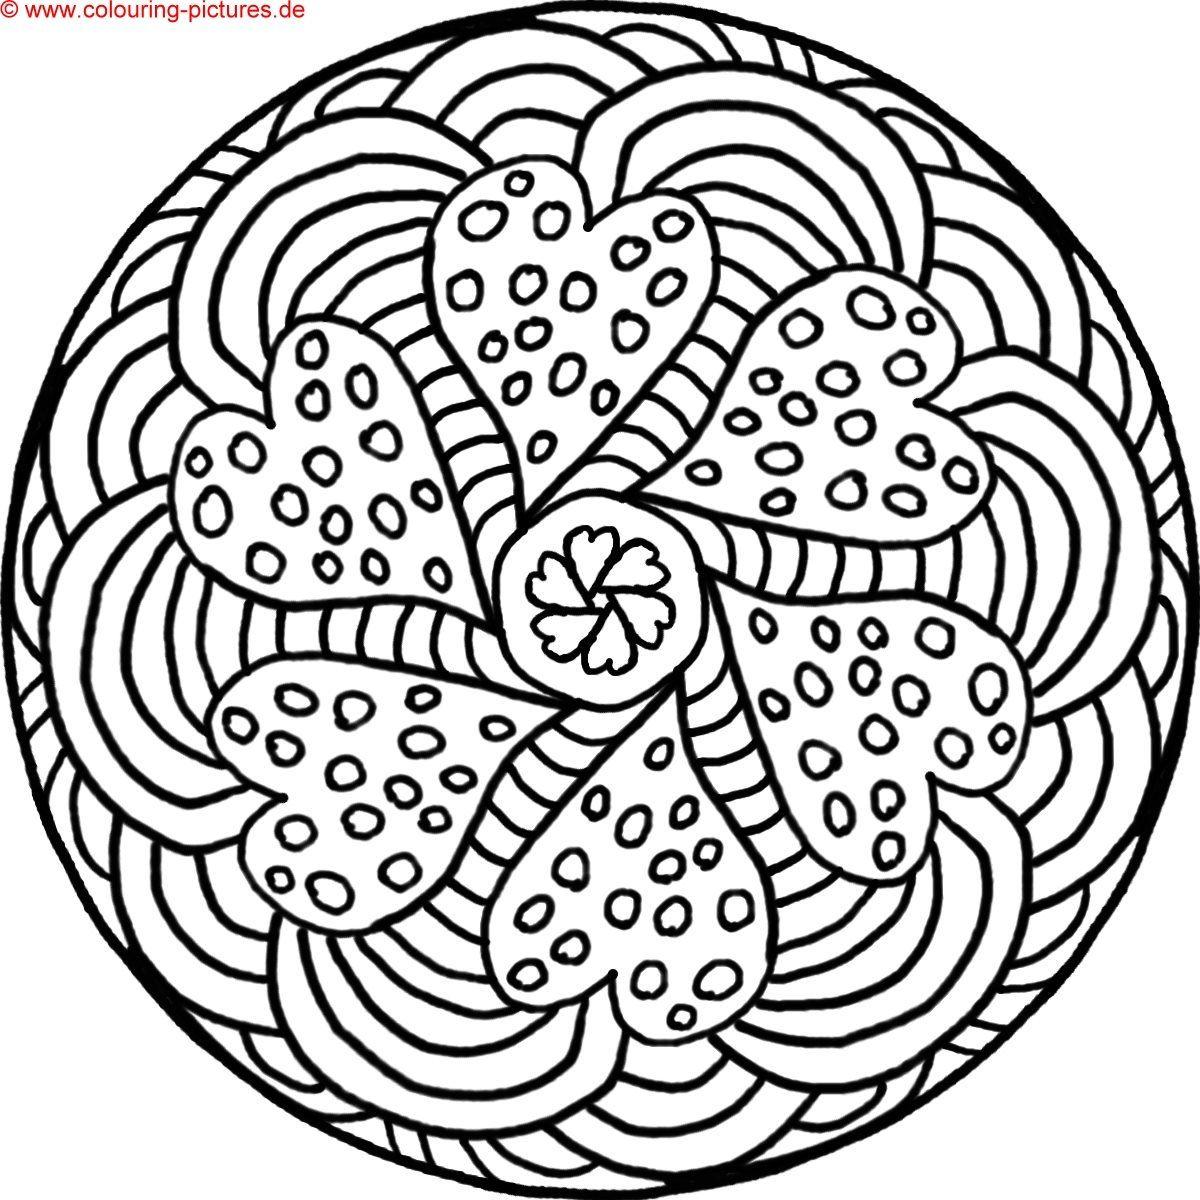 Stifte Zum Ausmalen Von Mandalas Mandala Zum Ausmalen